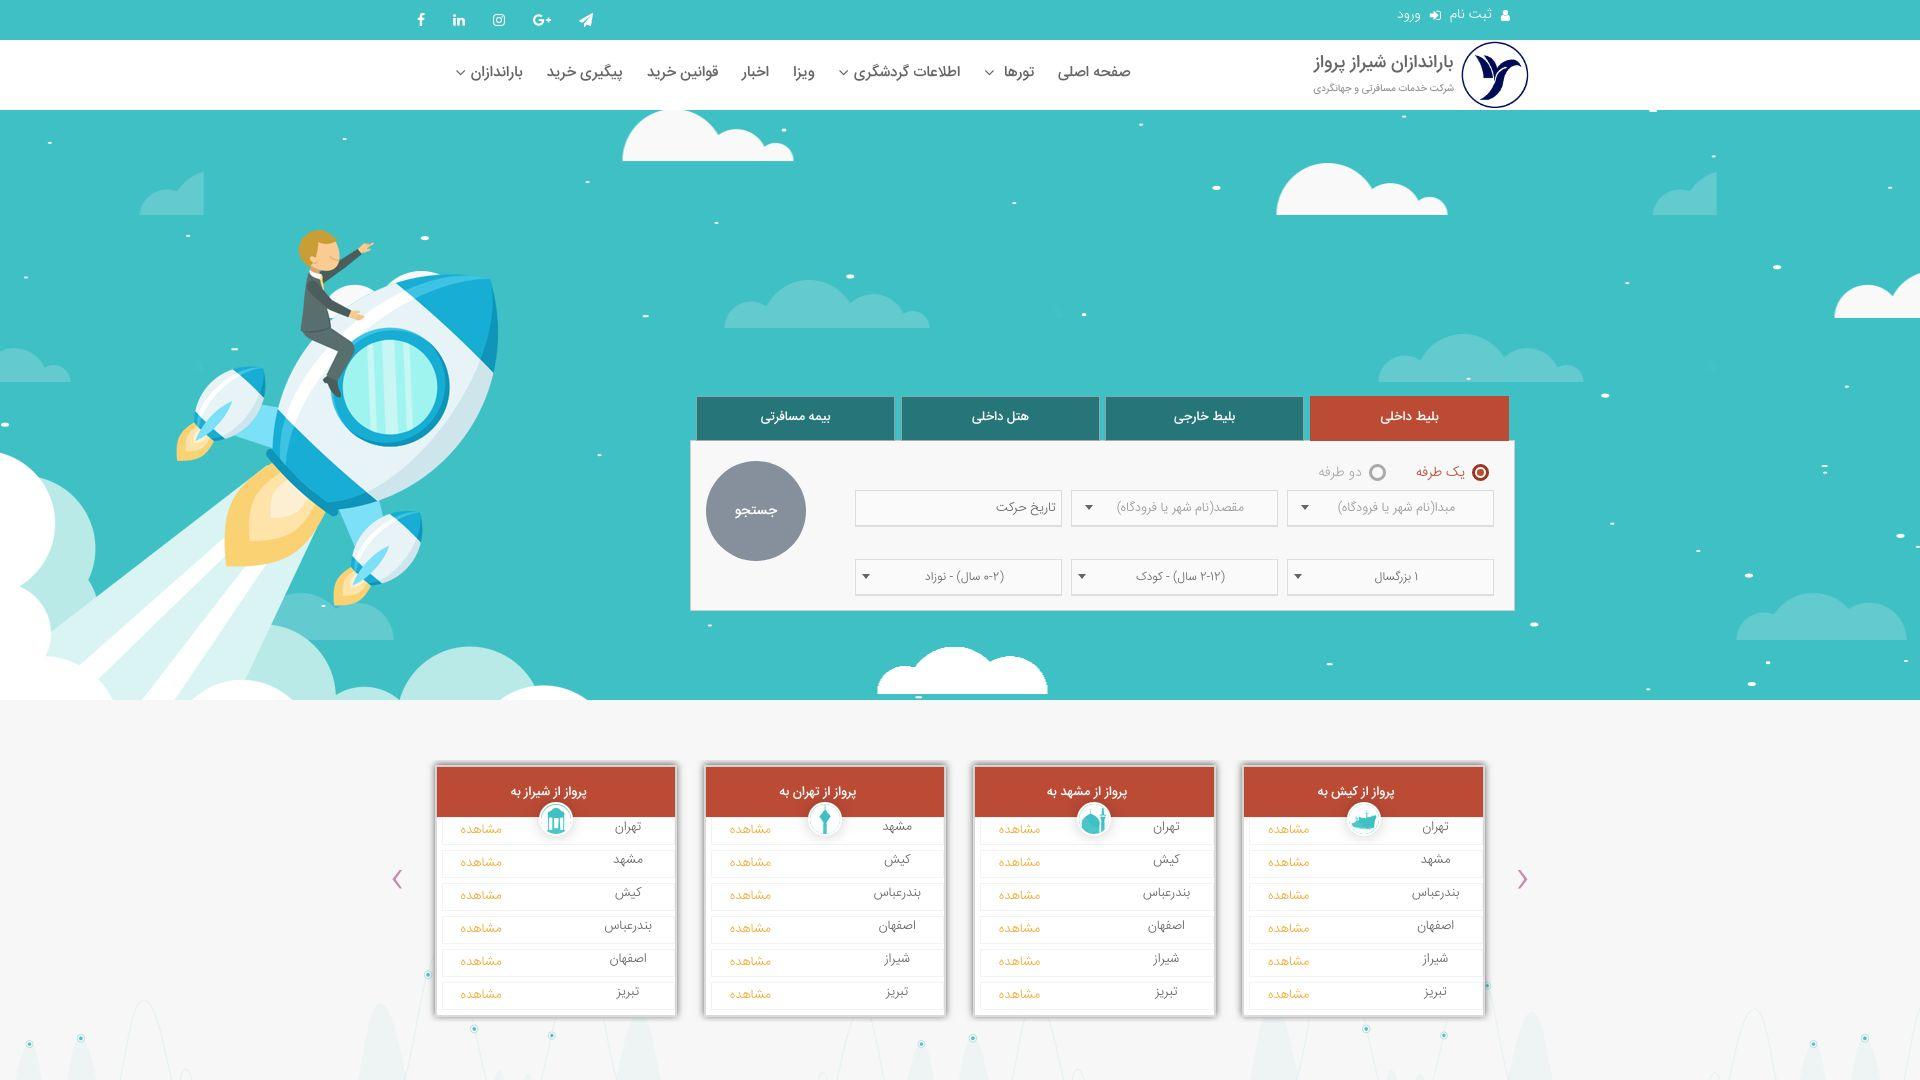 طراحی سیستم - طراحی سایت آژانس مسافرتی باراندازان شیراز پرواز